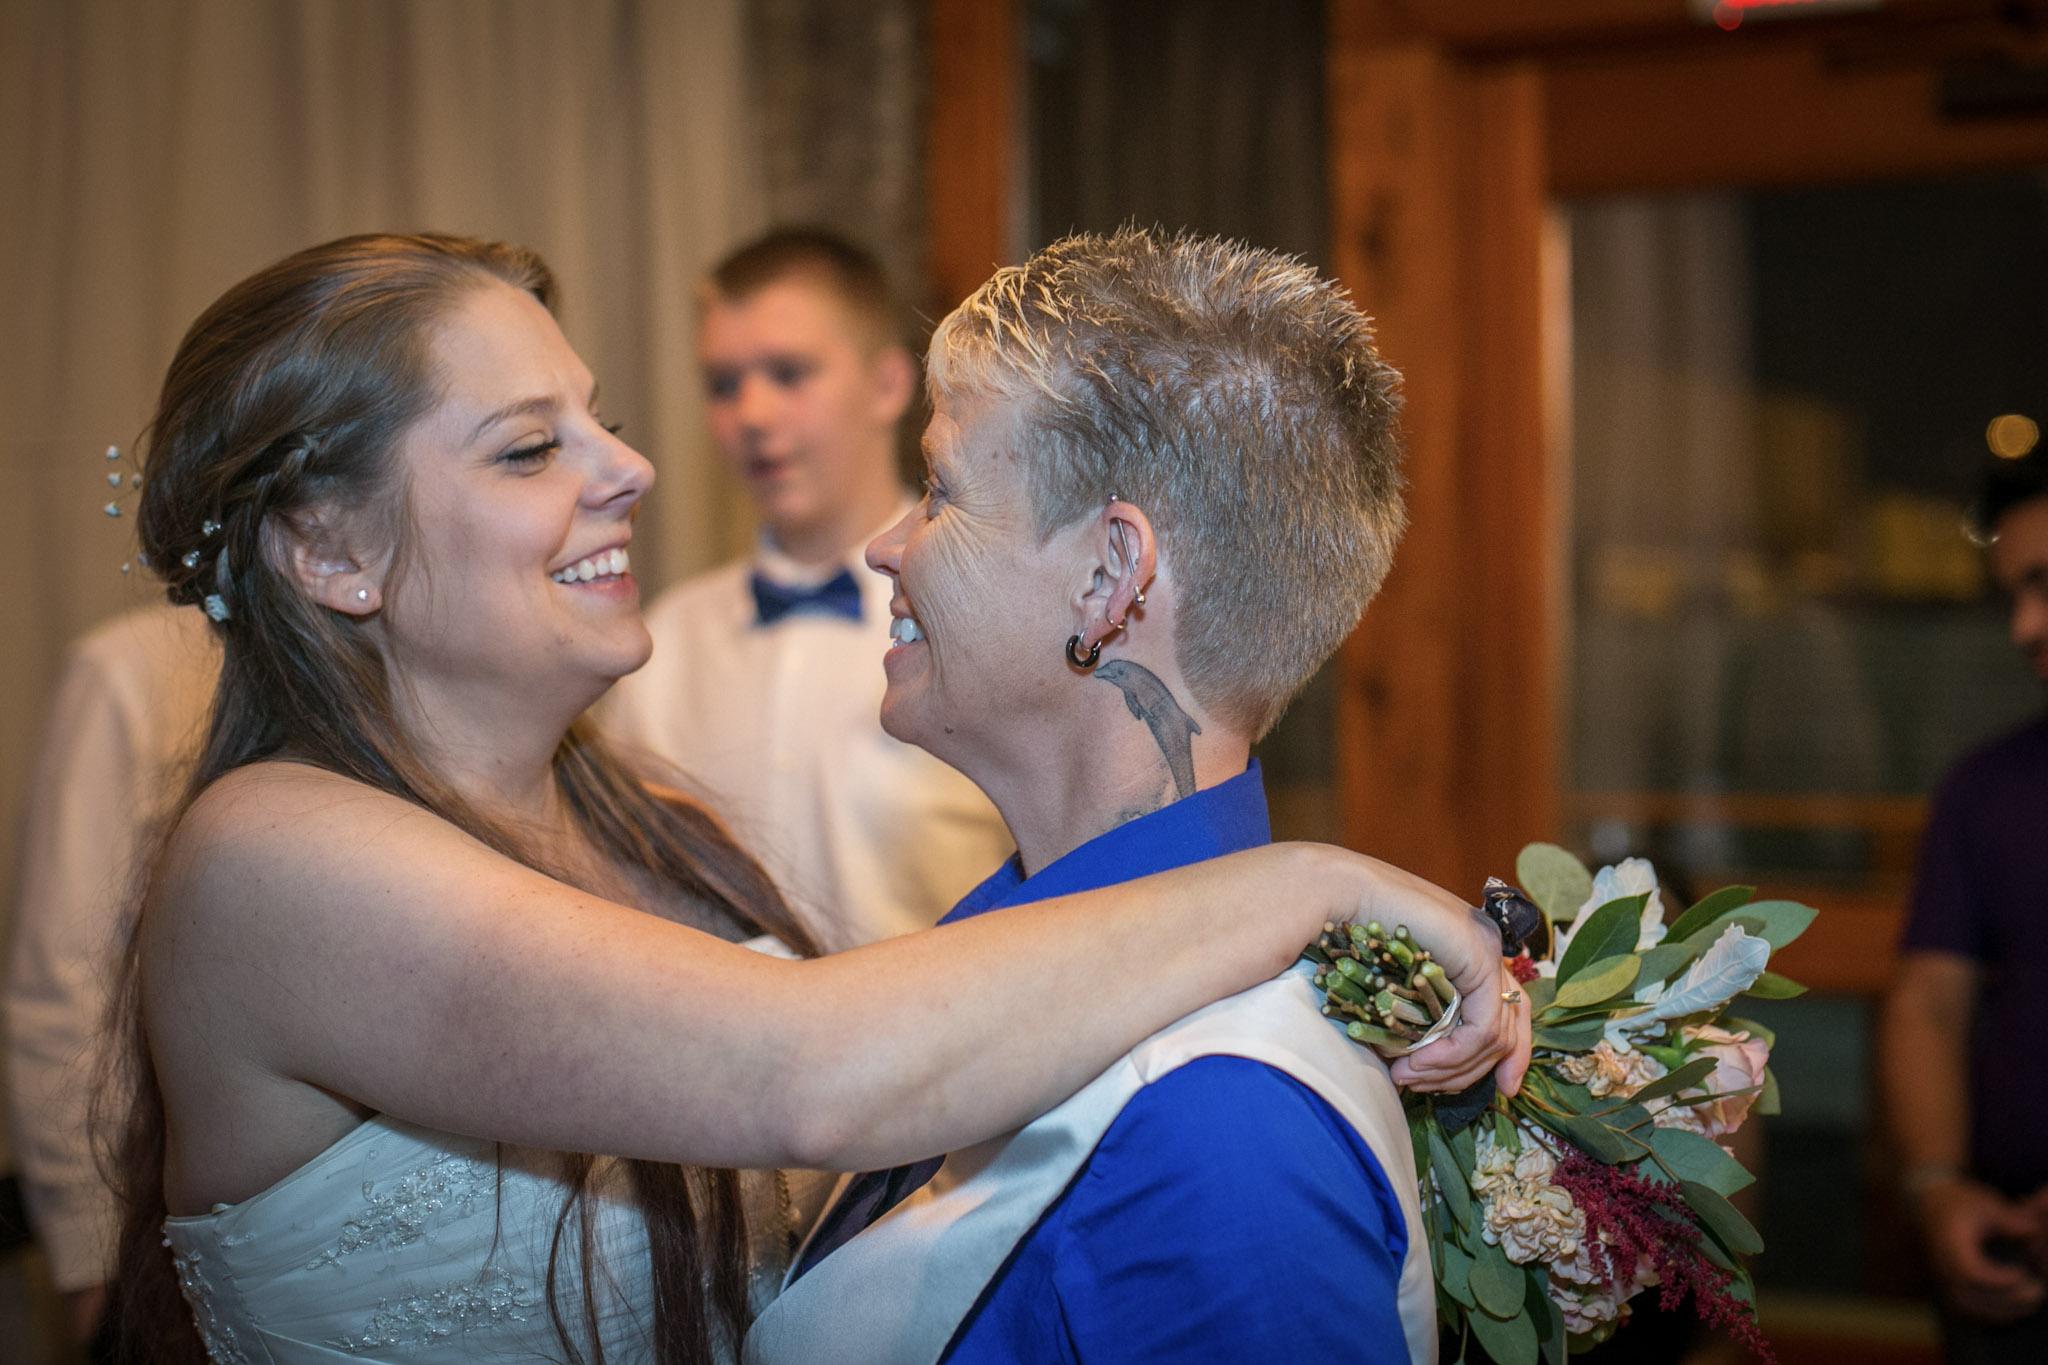 Kansas_City_Small_Wedding_Venue_Elope_Intimate_Ceremony_Budget_Affordable_Christina&Monica-141.jpg